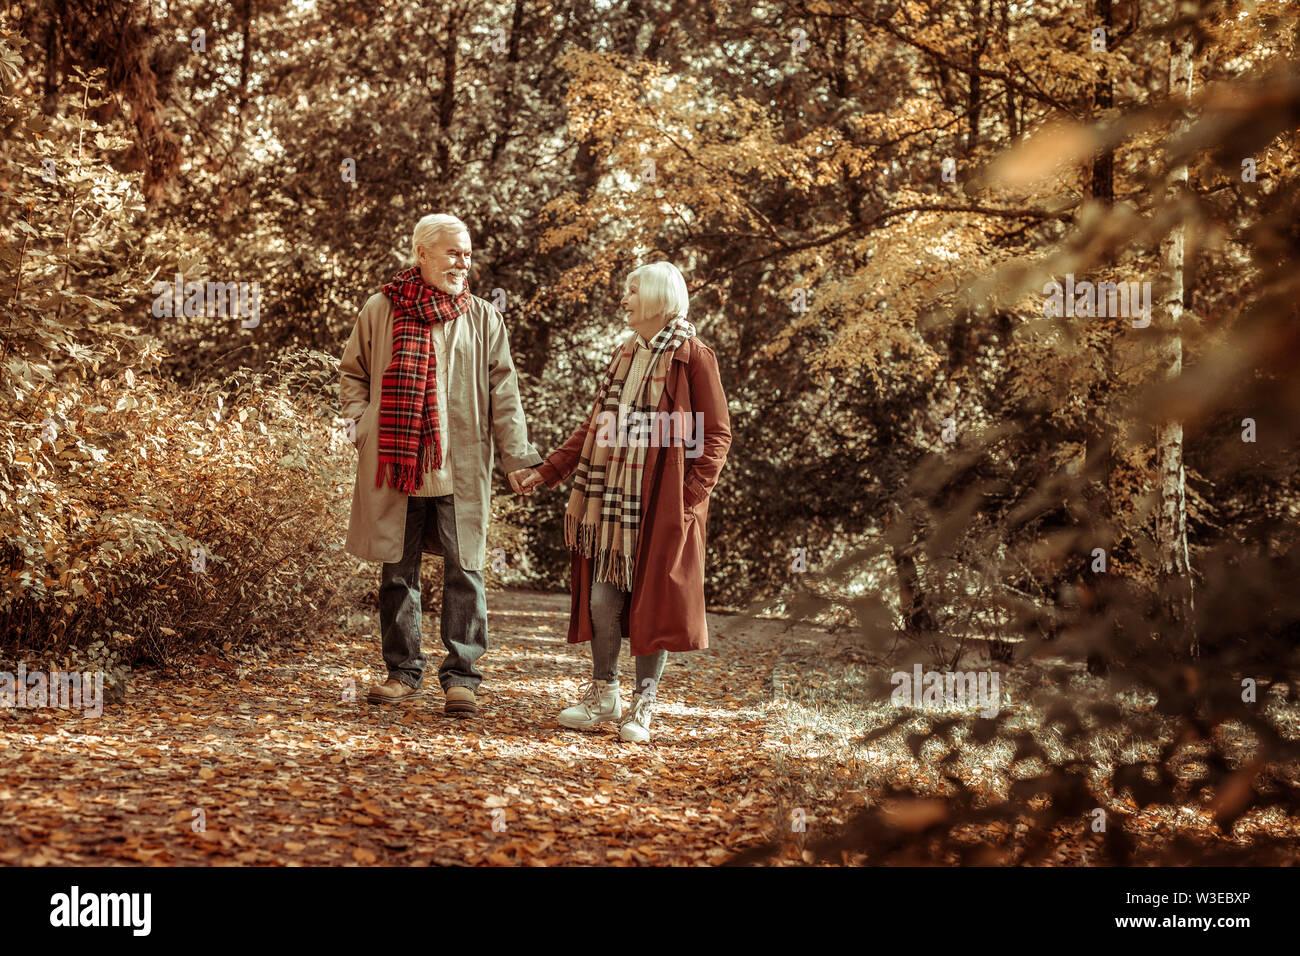 Senior woman et homme marchant ensemble dans un parc. Photo Stock